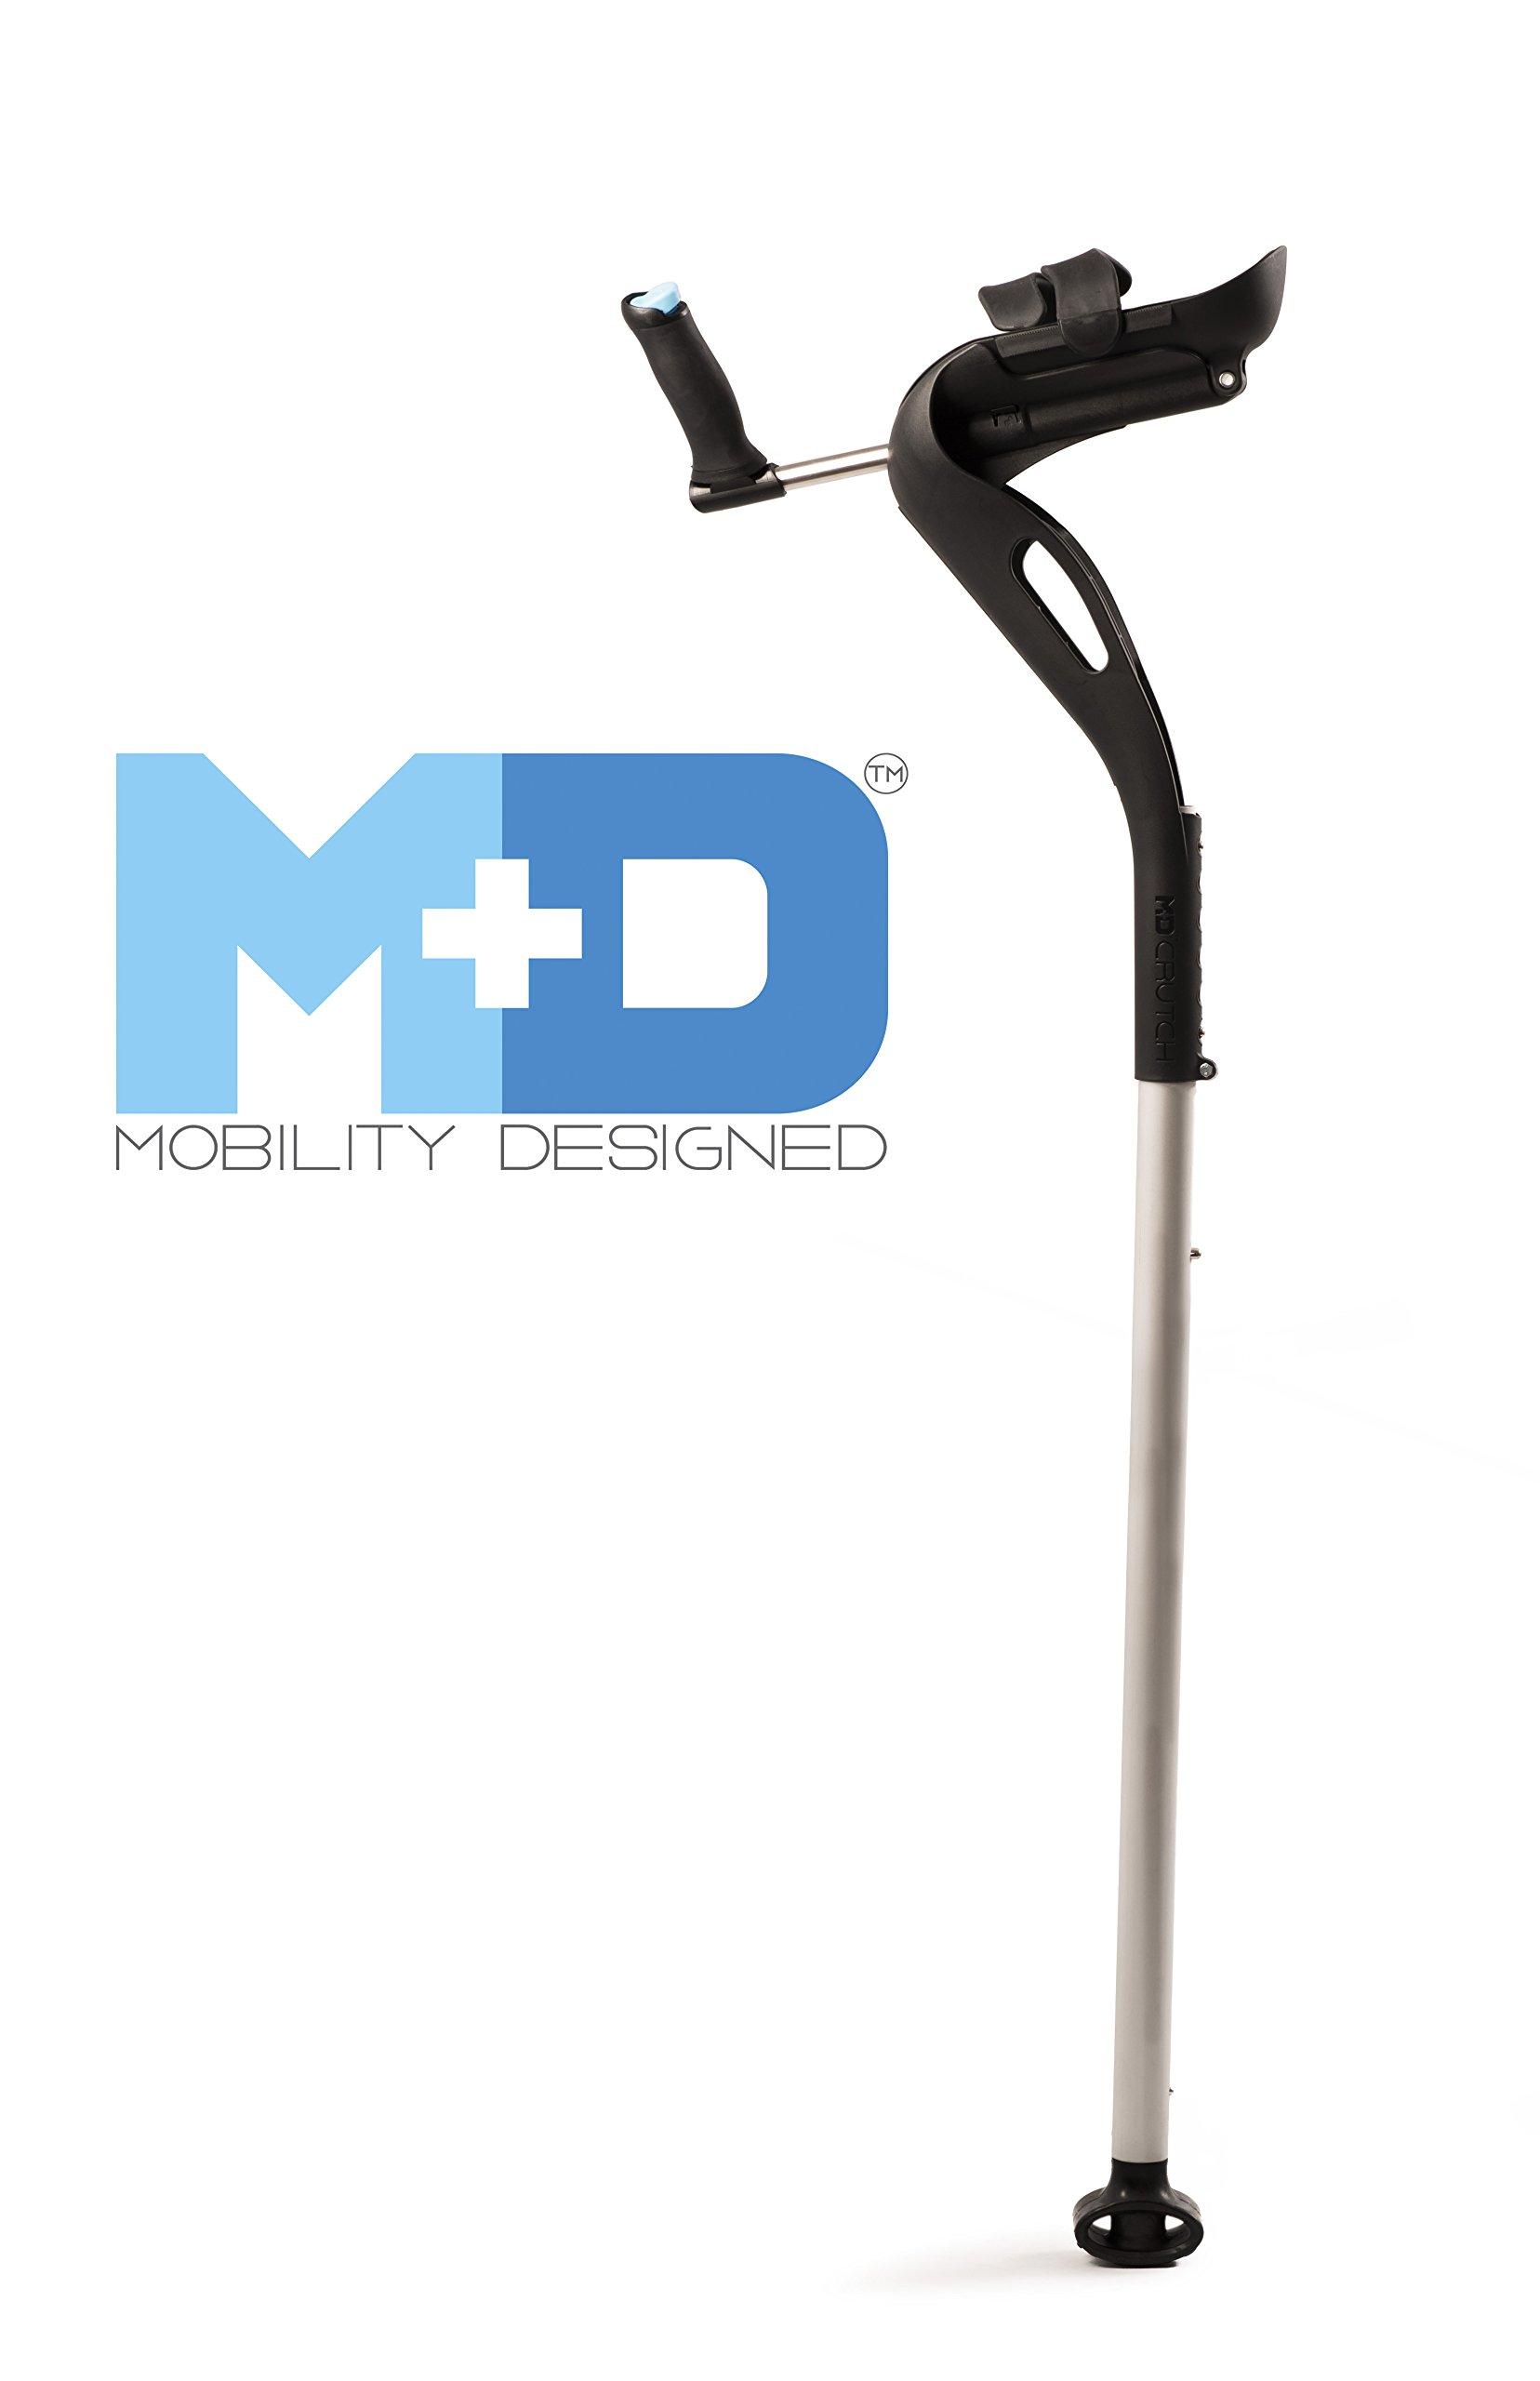 Mobility Designed Hands-free Ergonomic Crutch Left - Black